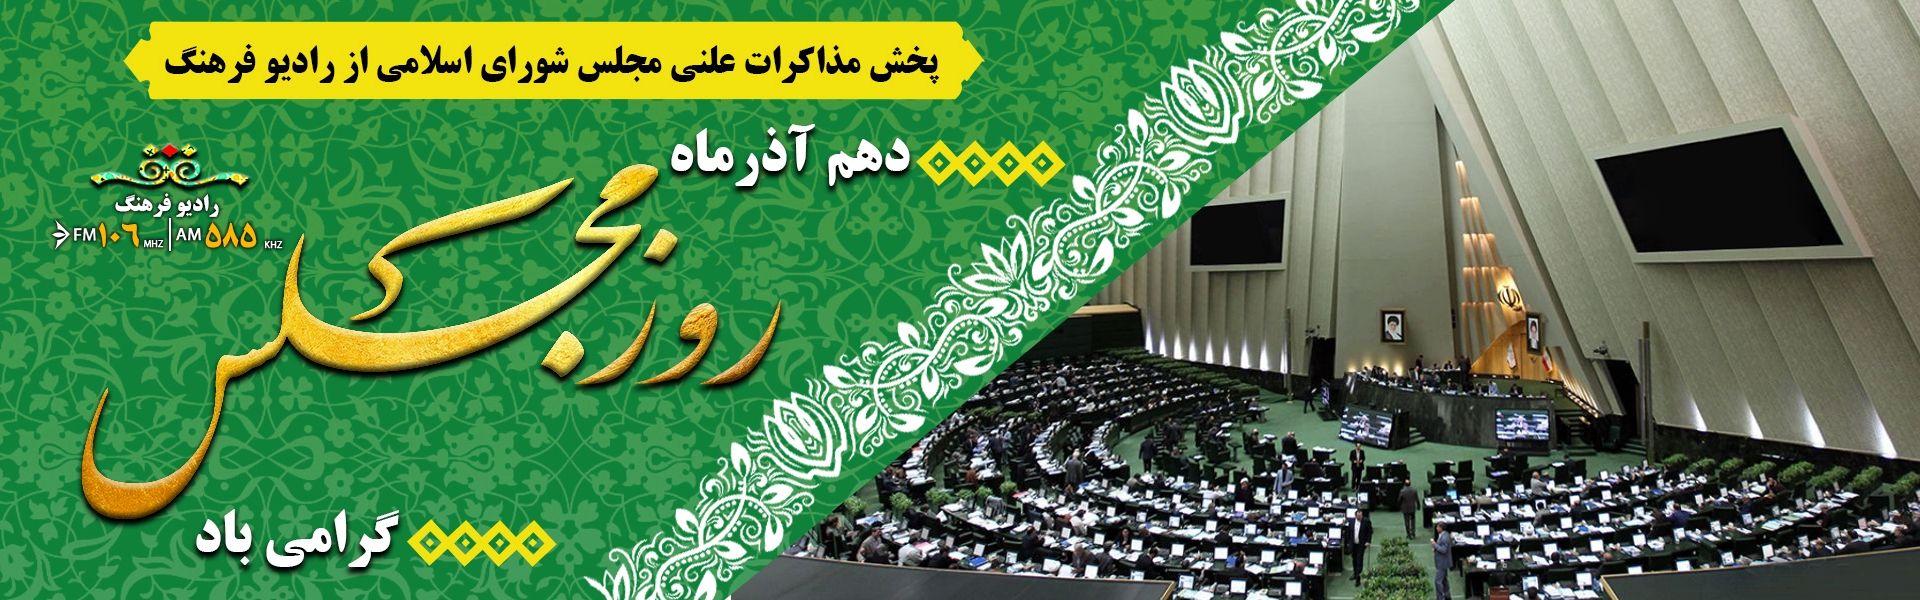 دهم آذرماه روز مجلس شورای اسلامی گرامی باد